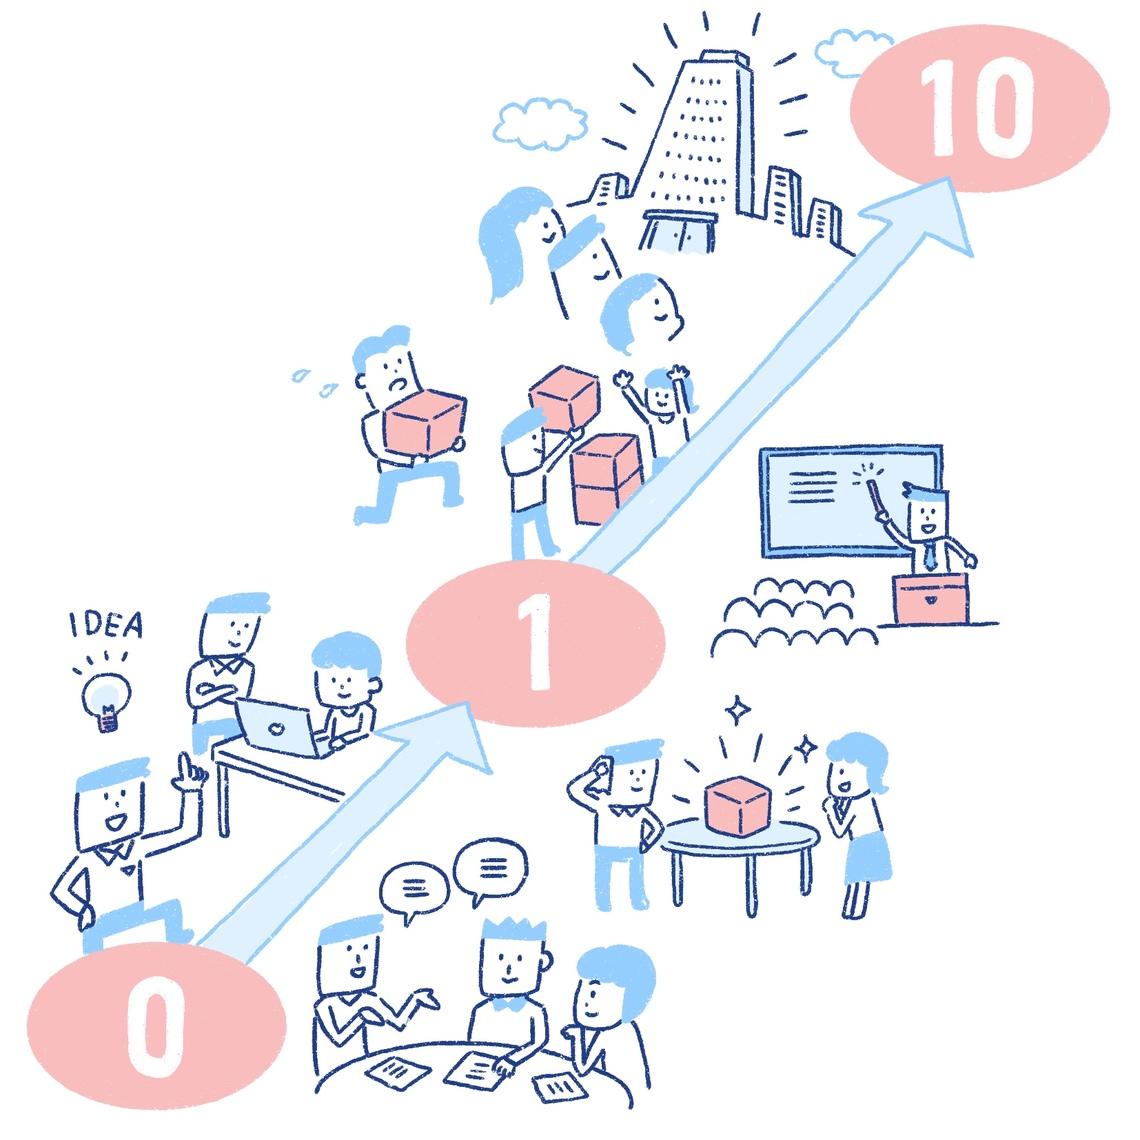 イノベーション成功の鍵は組織化と自分の中の多様性